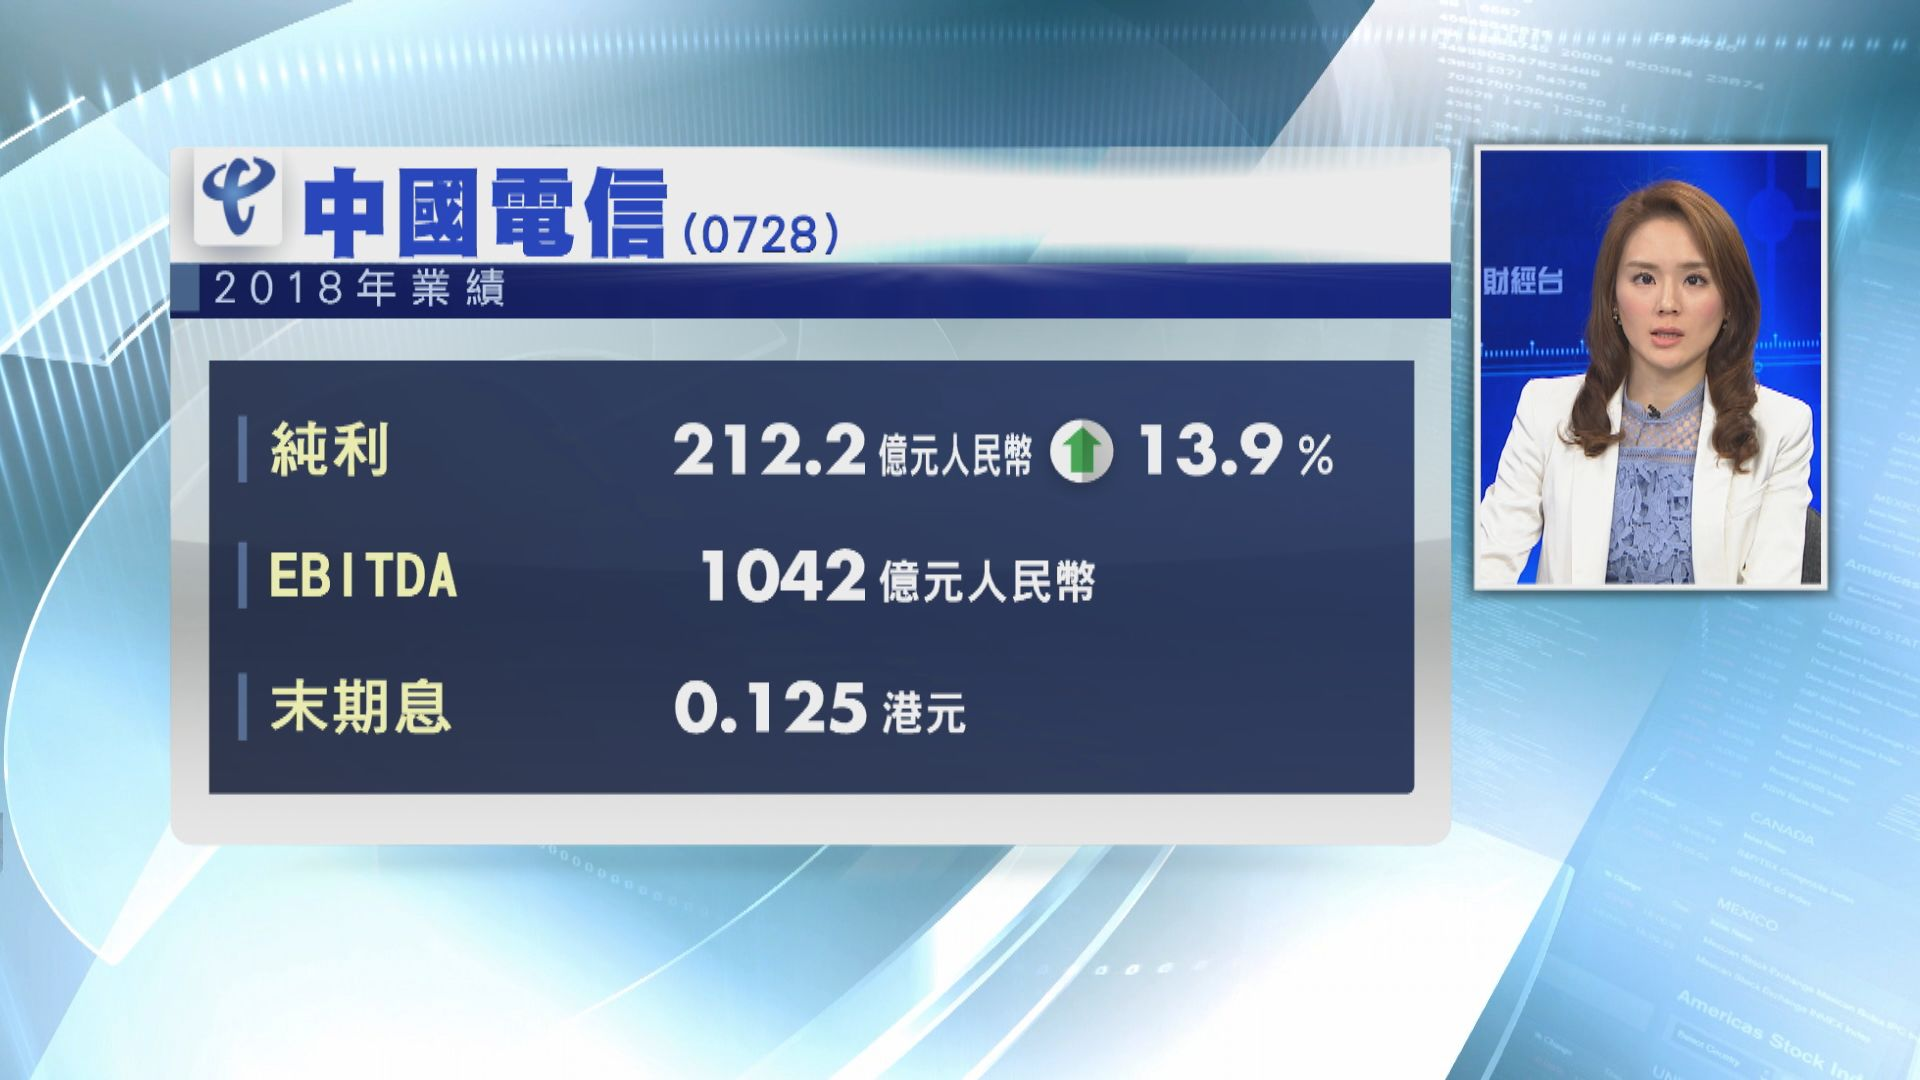 【業績速報】中電信多賺13% 末期息增至0.125港元